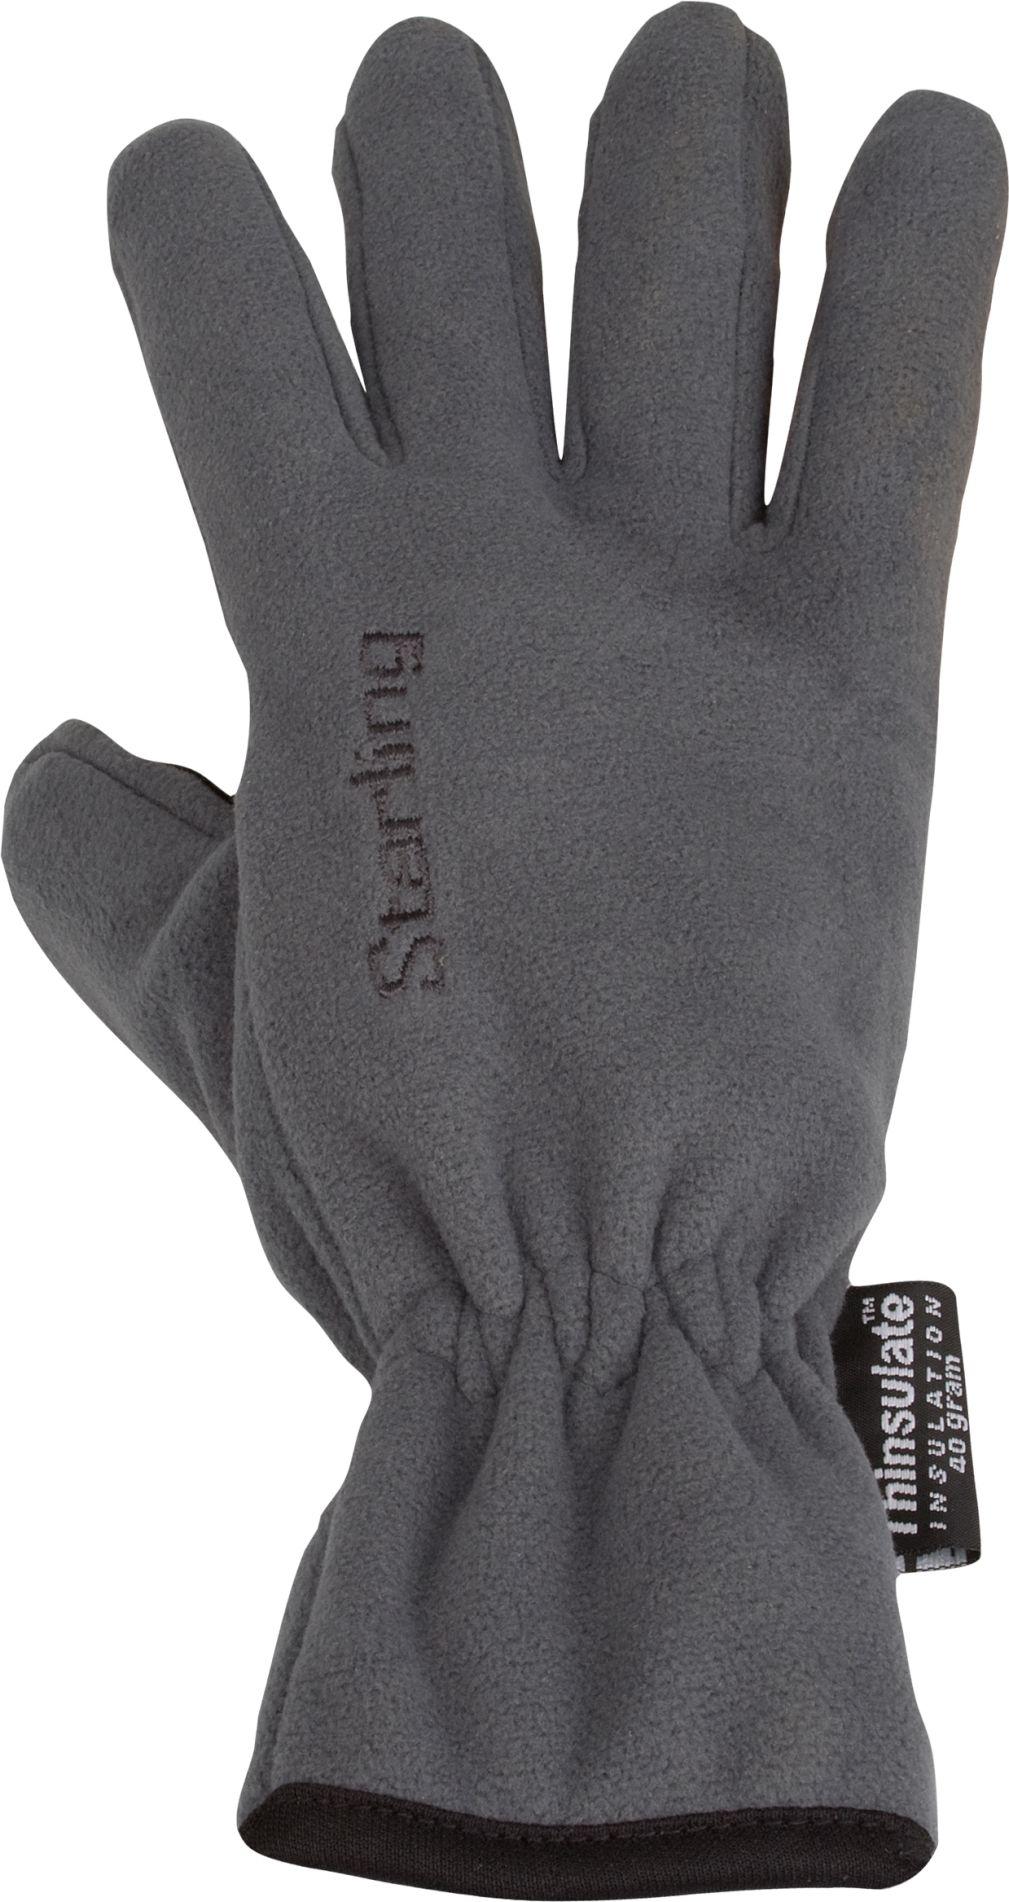 Handschoenen Fleece Sr • Binck •